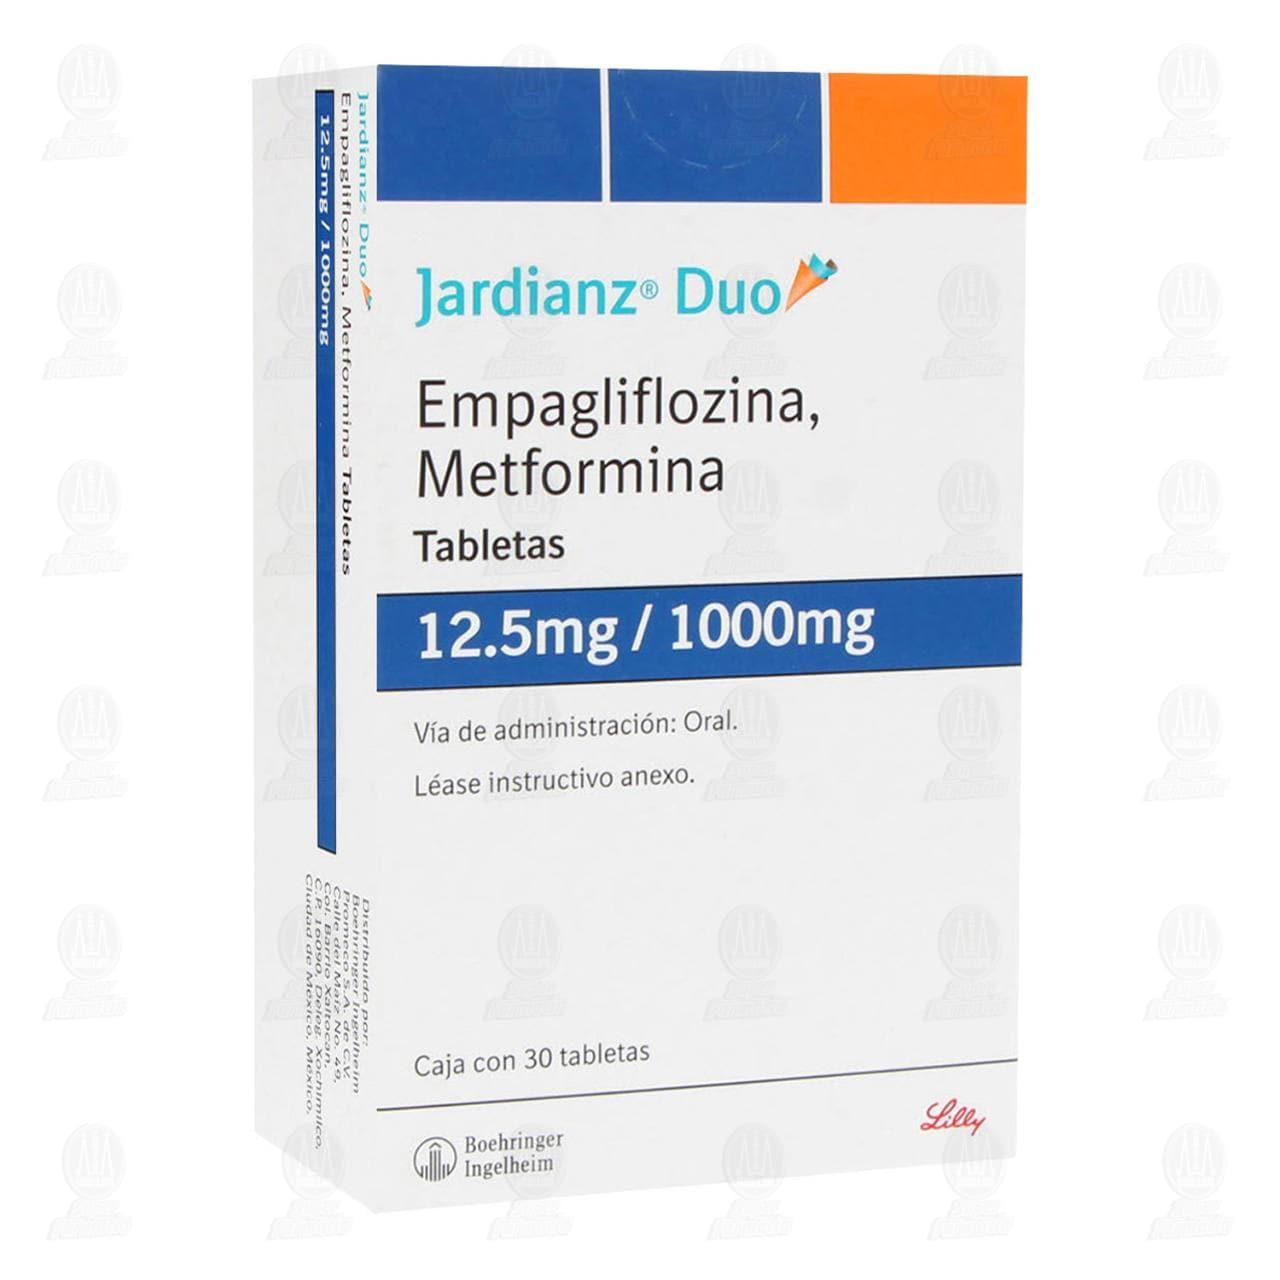 Comprar Jardianz Duo 12.5mg/1000mg 30 Tabletas en Farmacias Guadalajara